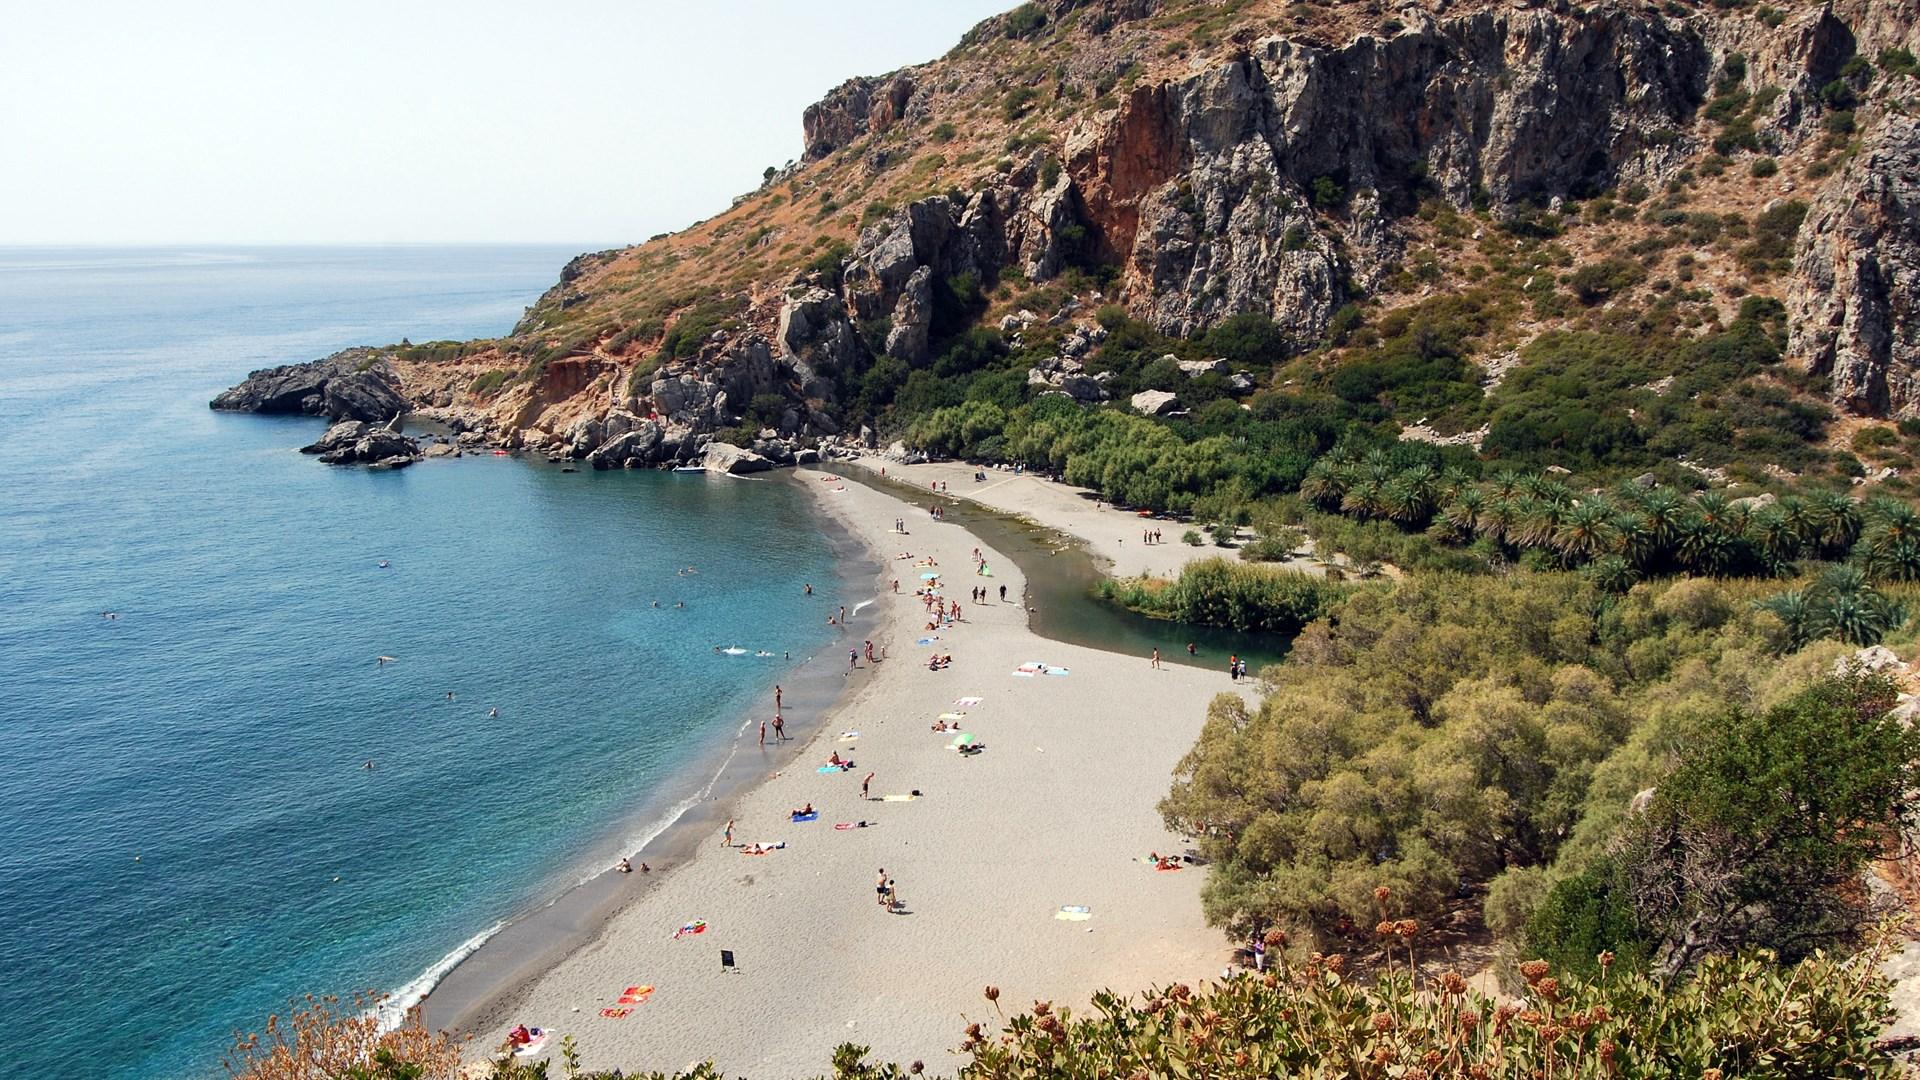 Preveli Beach, Rethymno-Crete | 22 Sep 2014  | Alargo